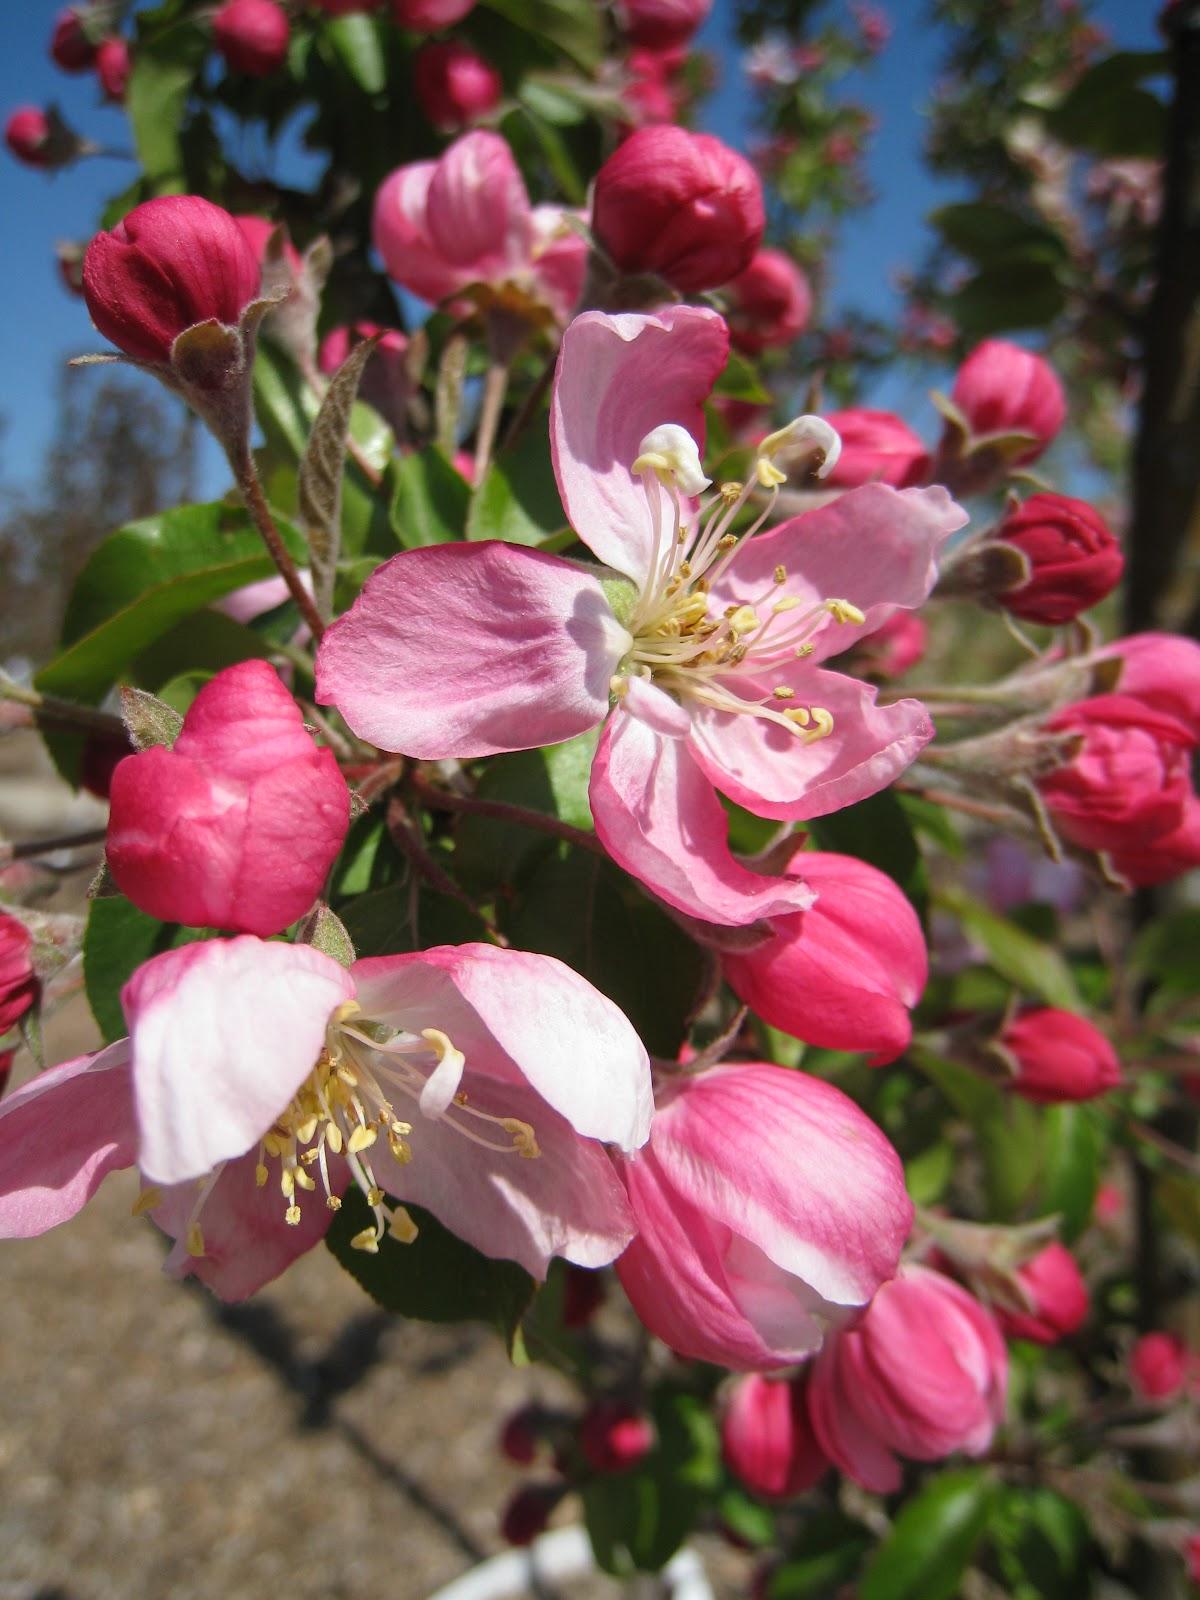 Spring Snow Fruitless Flowering Crabapple